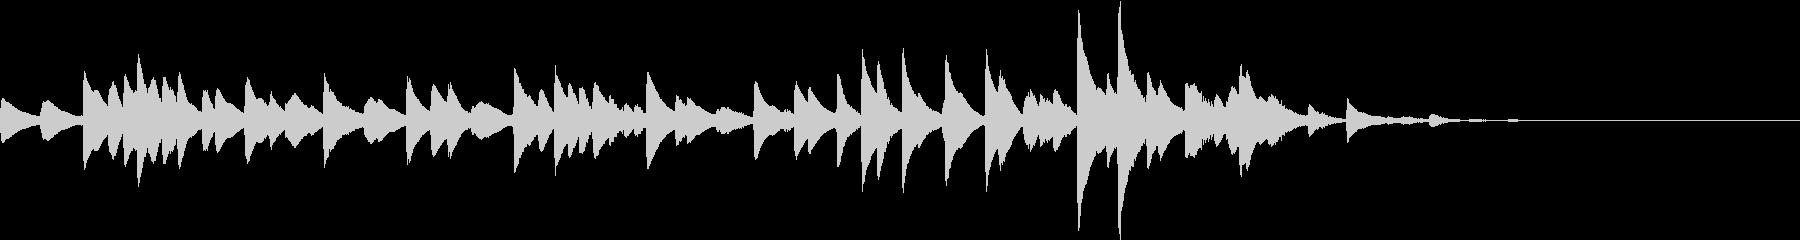 オープニング49の未再生の波形